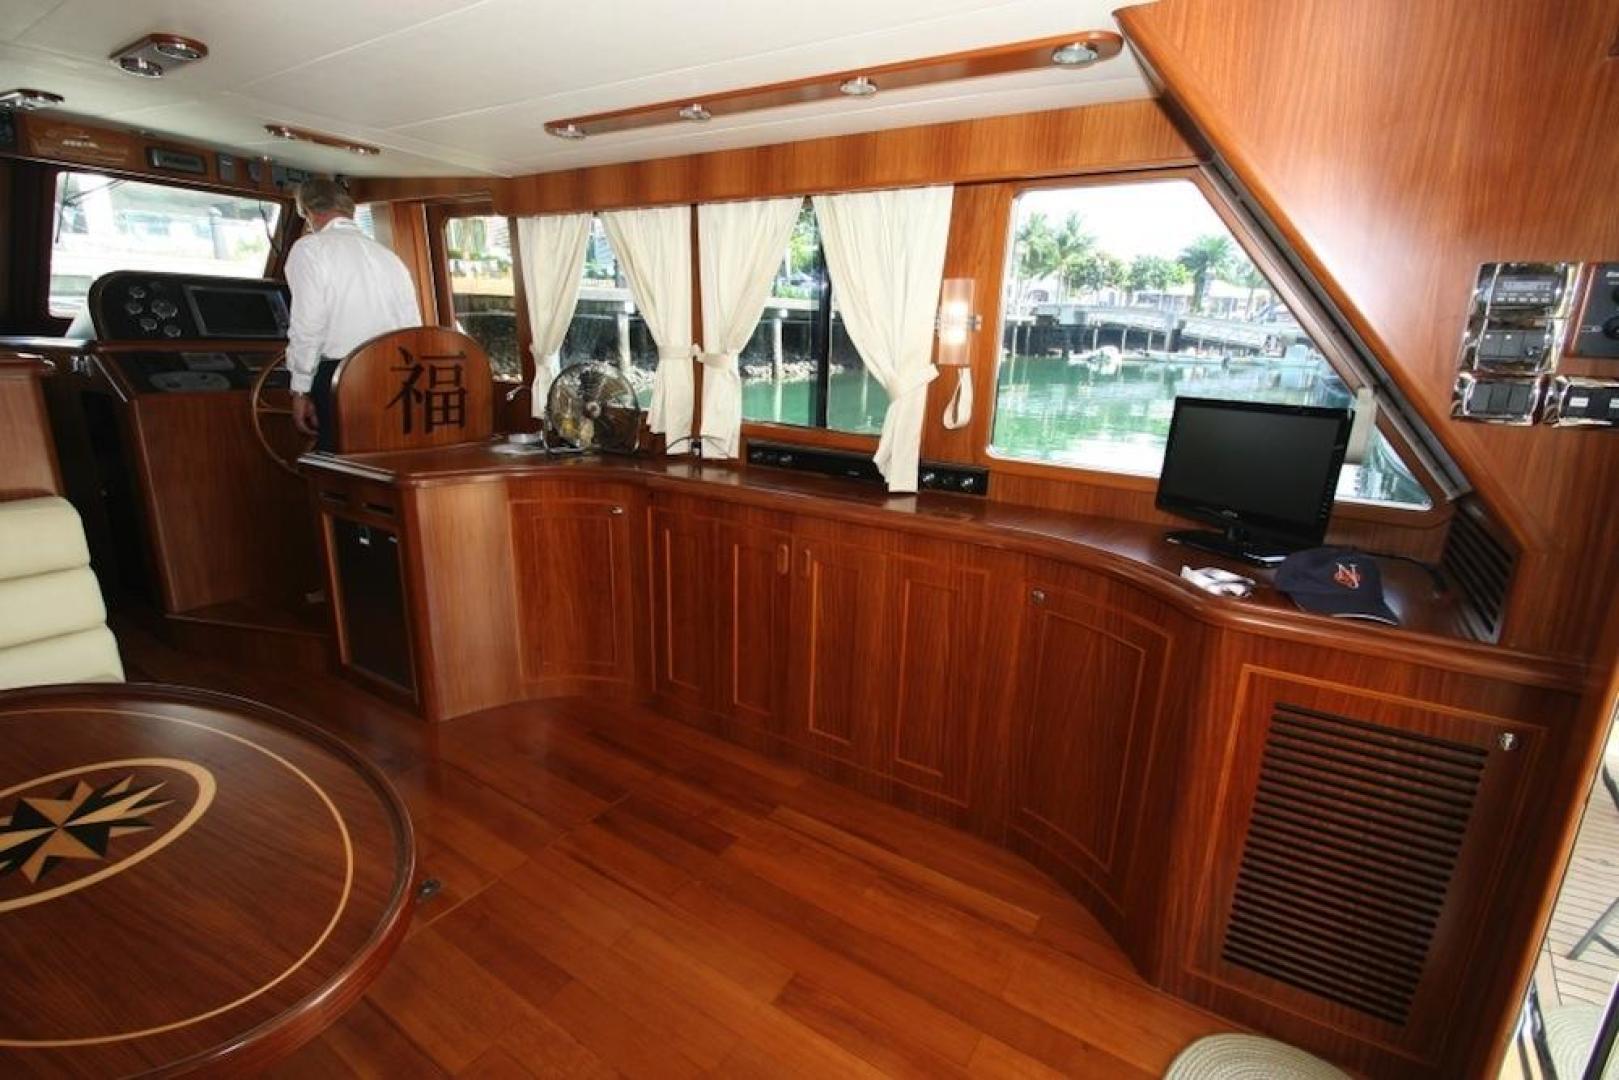 Clipper Motor Yachts-Cordova 52 2011 -Unknown-Singapore-Clipper Motor Yachts Cordova 52-385790 | Thumbnail